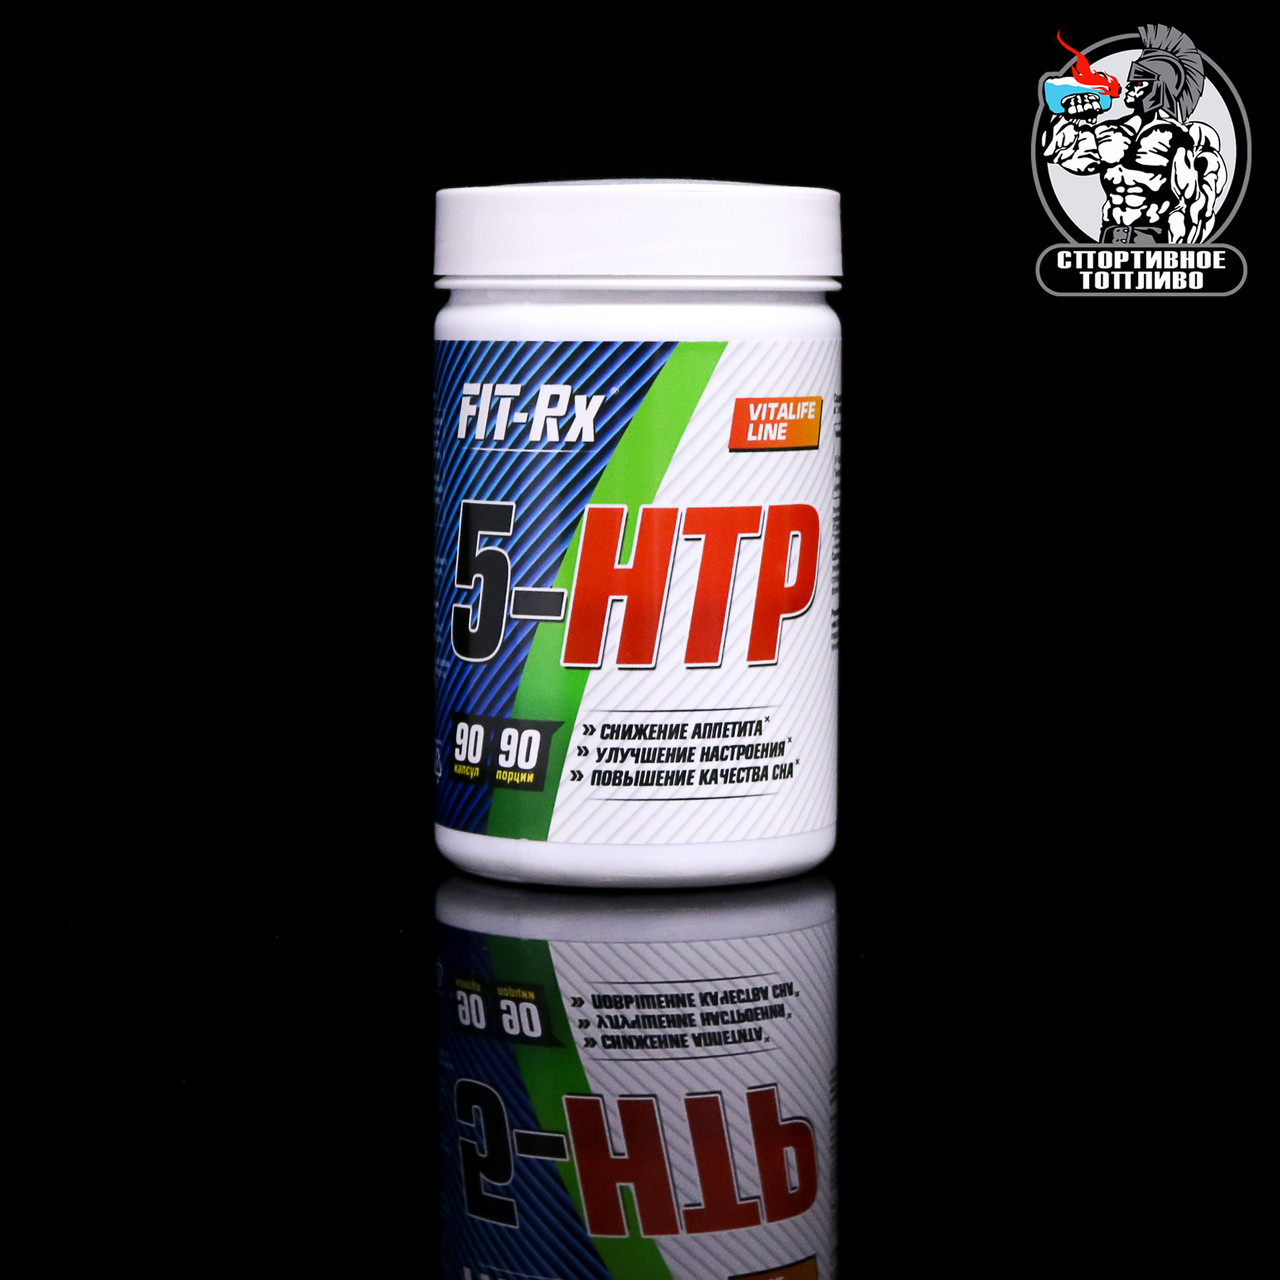 Fit-Rx - 5-HTP 90капс/90порций